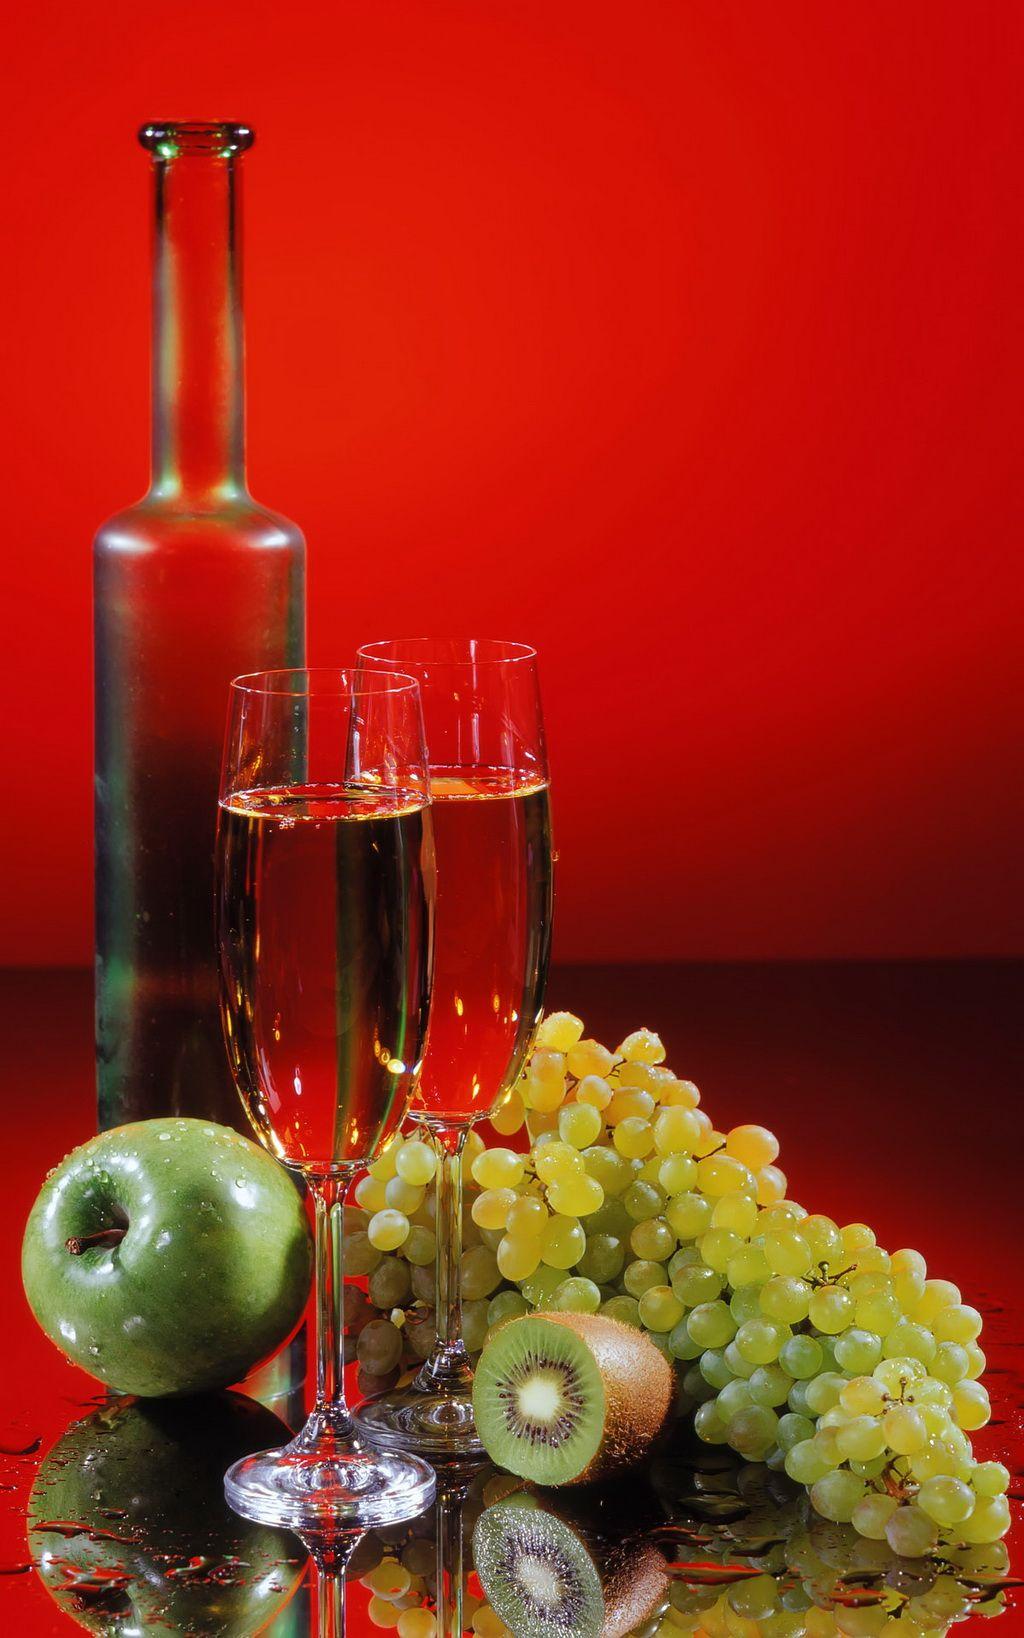 Sozreyut Grozdya Vinograda I Prevratitsya Sok V Vino Obsuzhdenie Na Liveinternet Rossijskij Servis Onlajn Dn Natyurmort I Frukty